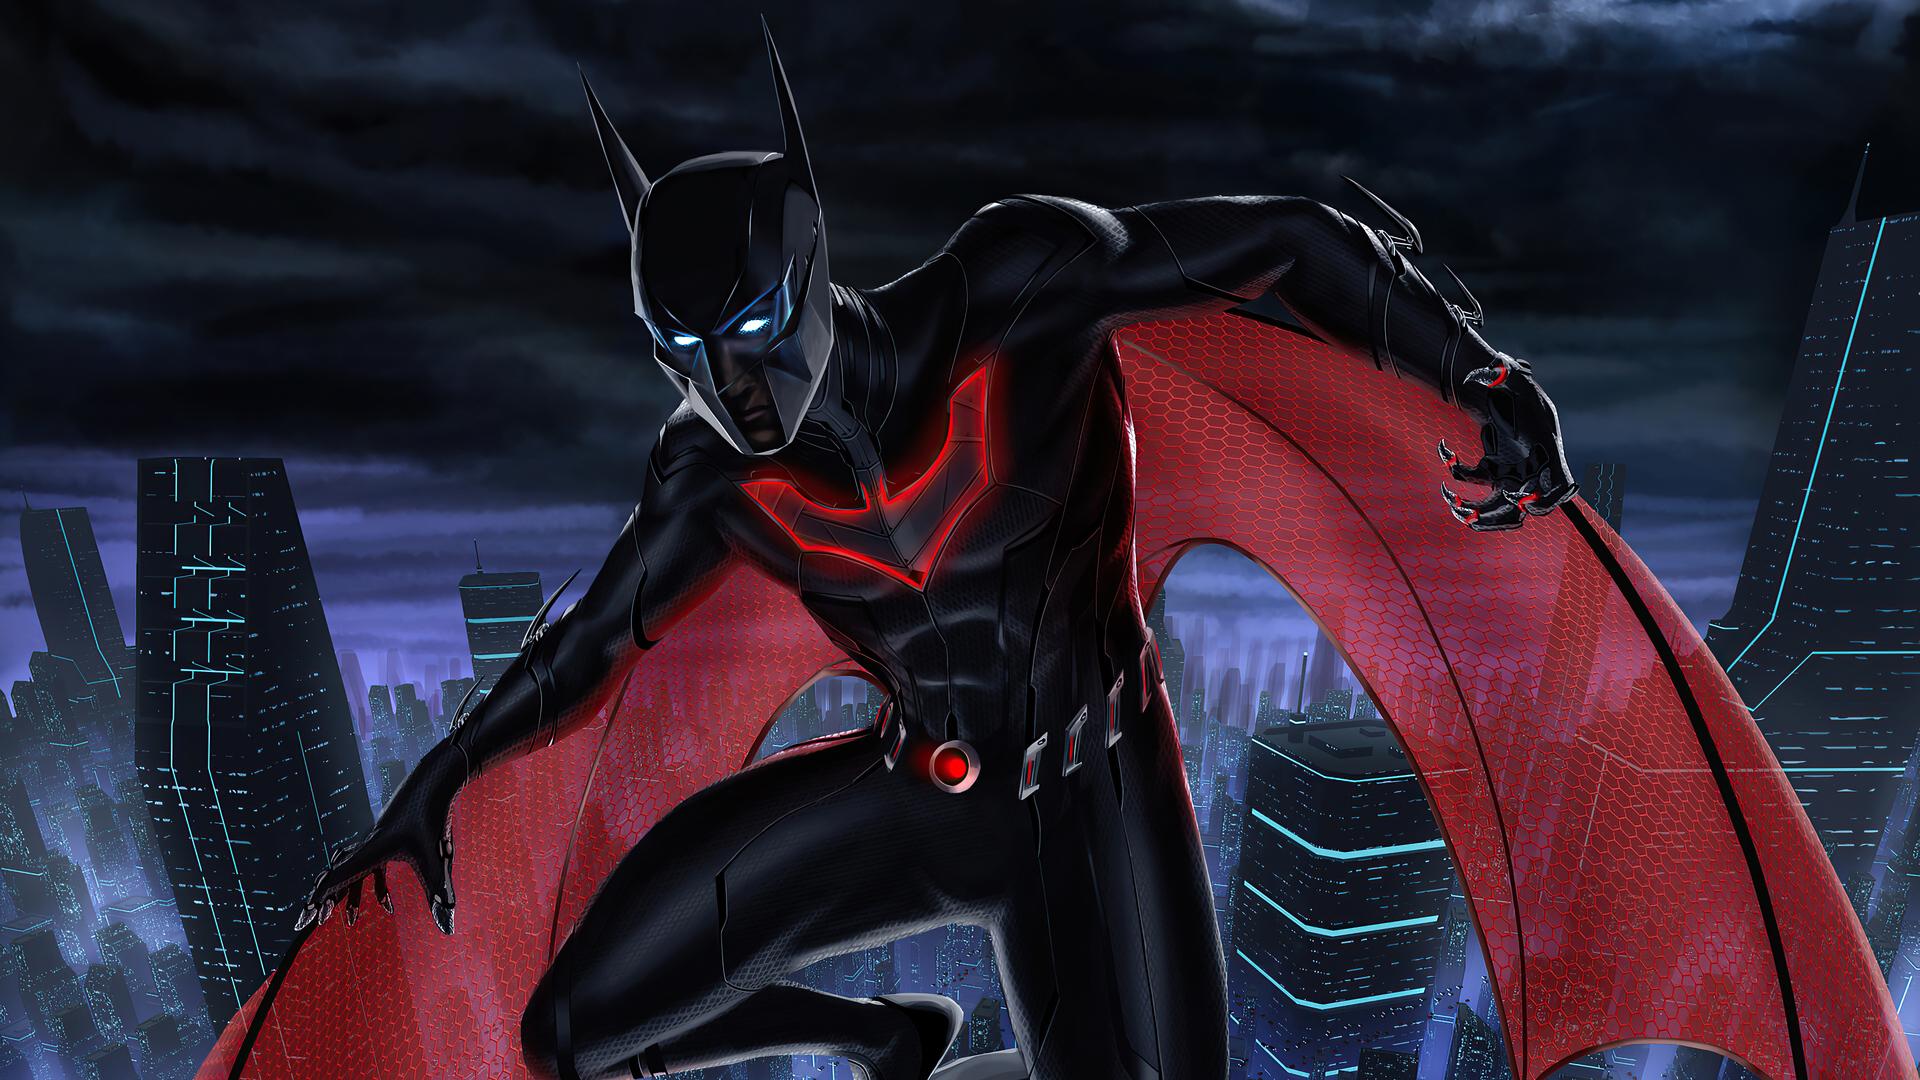 1920x1080 Batman Beyond 2020 Art 4k Laptop Full HD 1080P ...